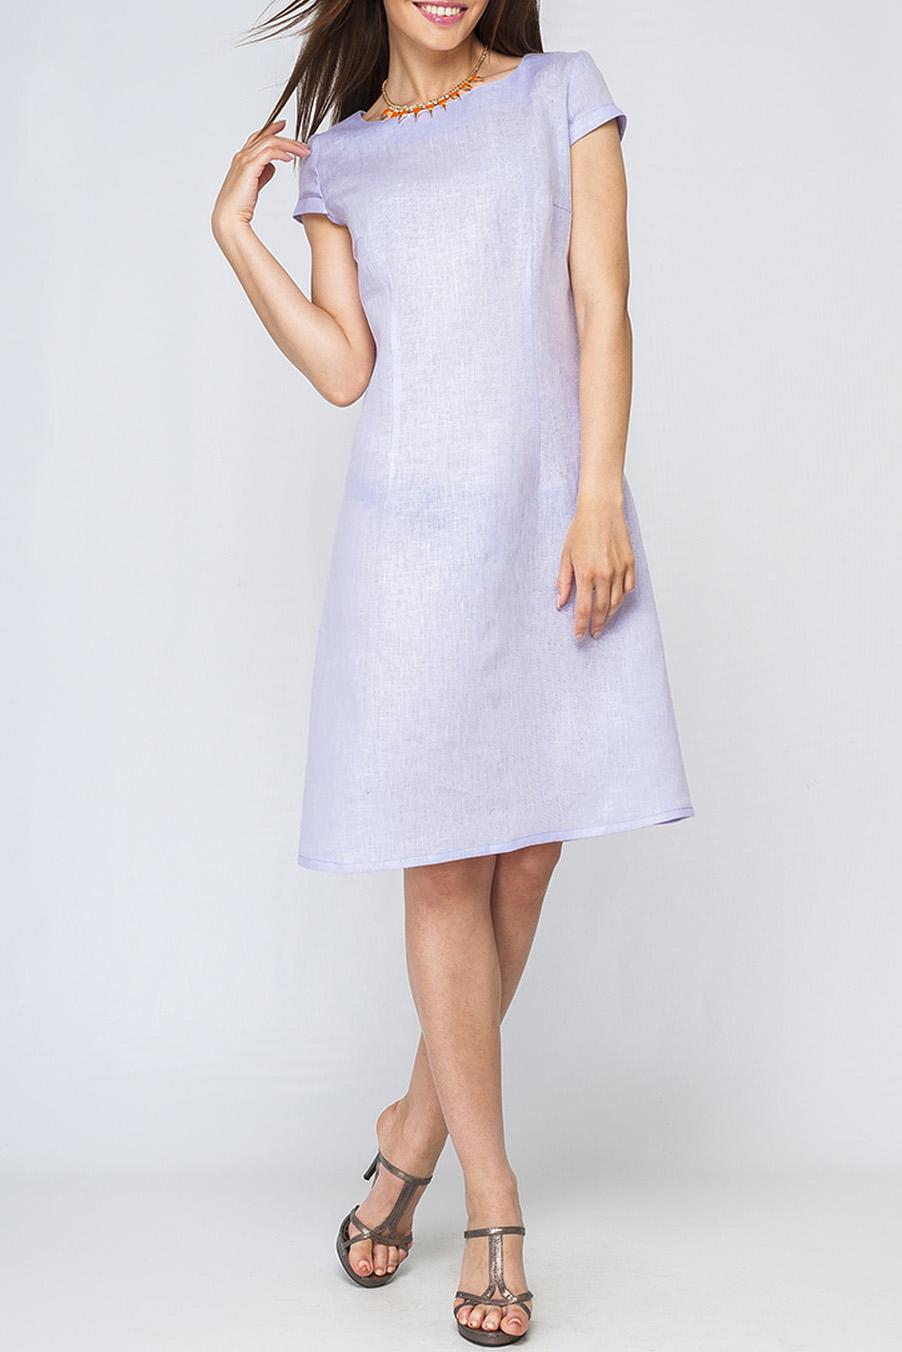 ПлатьеПлатья<br>Стильное женское платье натурального льна. Отличный выбор для летнего гардероба.  Параметры изделия:  44 размер: объем груди - 96 см. объем бедер - 100 см. длина изделия - 96 см.  52 размер: объем груди - 112 см. объем бедер - 116 см. длина изделия - 98 см.  Цвет: сиреневый  Рост девушки-фотомодели 170 см<br><br>Горловина: С- горловина<br>По длине: До колена<br>По материалу: Лен<br>По рисунку: Однотонные<br>По силуэту: Полуприталенные<br>По стилю: Повседневный стиль,Летний стиль<br>По форме: Платье - трапеция<br>Рукав: Короткий рукав<br>По сезону: Лето<br>Размер : 42,48,50<br>Материал: Лен<br>Количество в наличии: 3